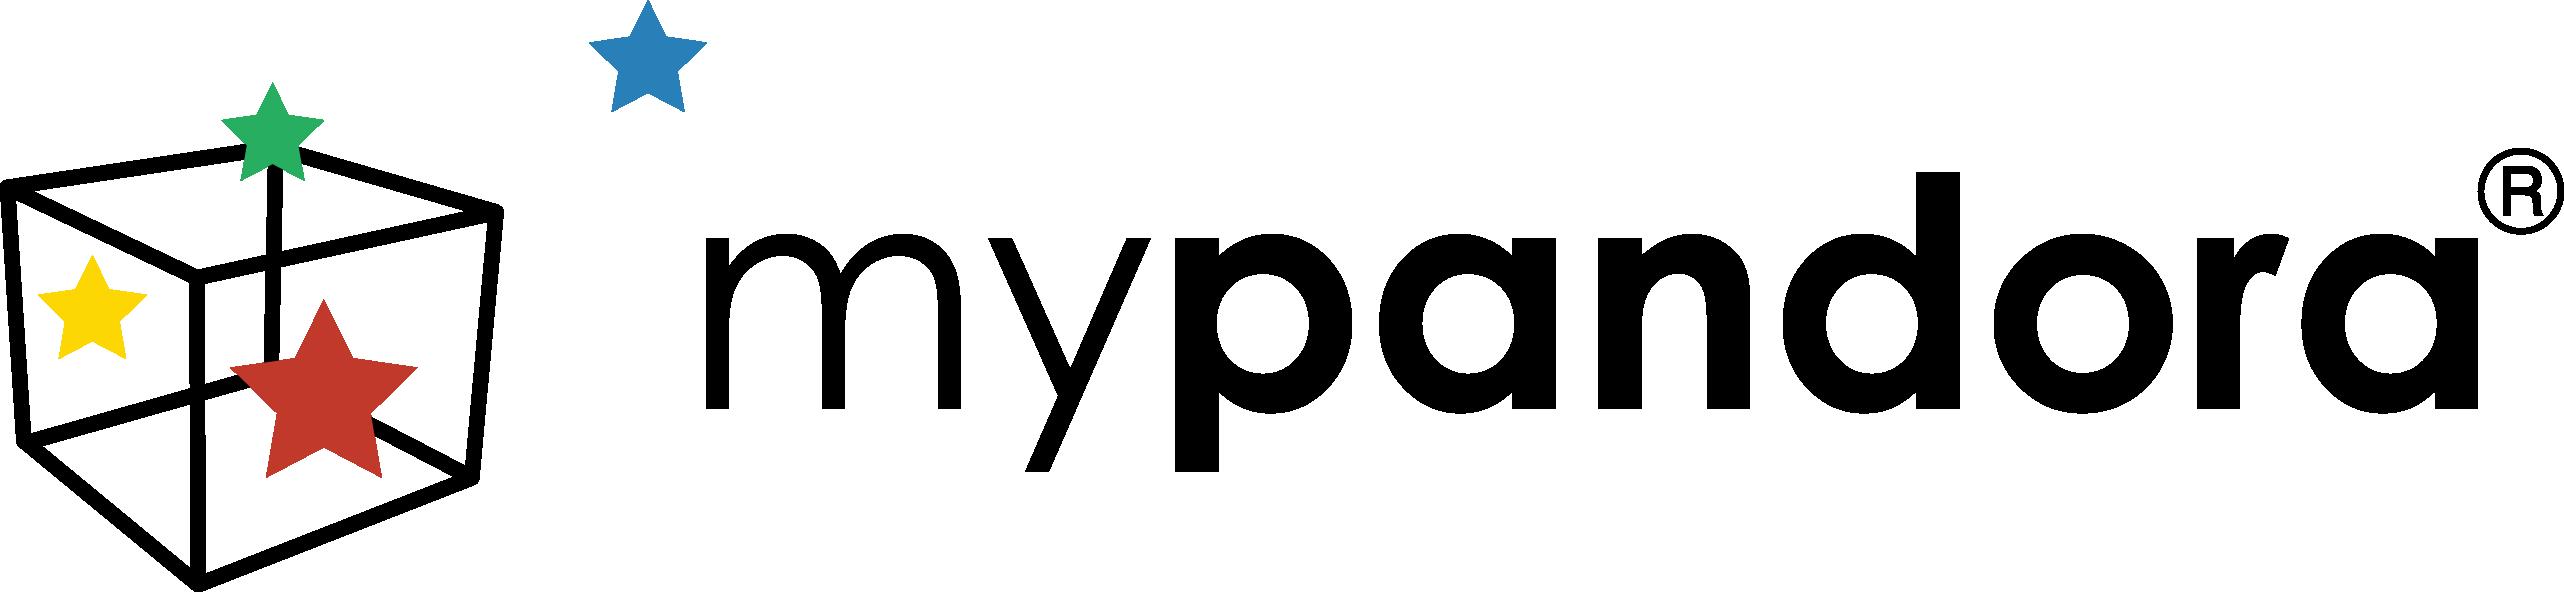 mypandora